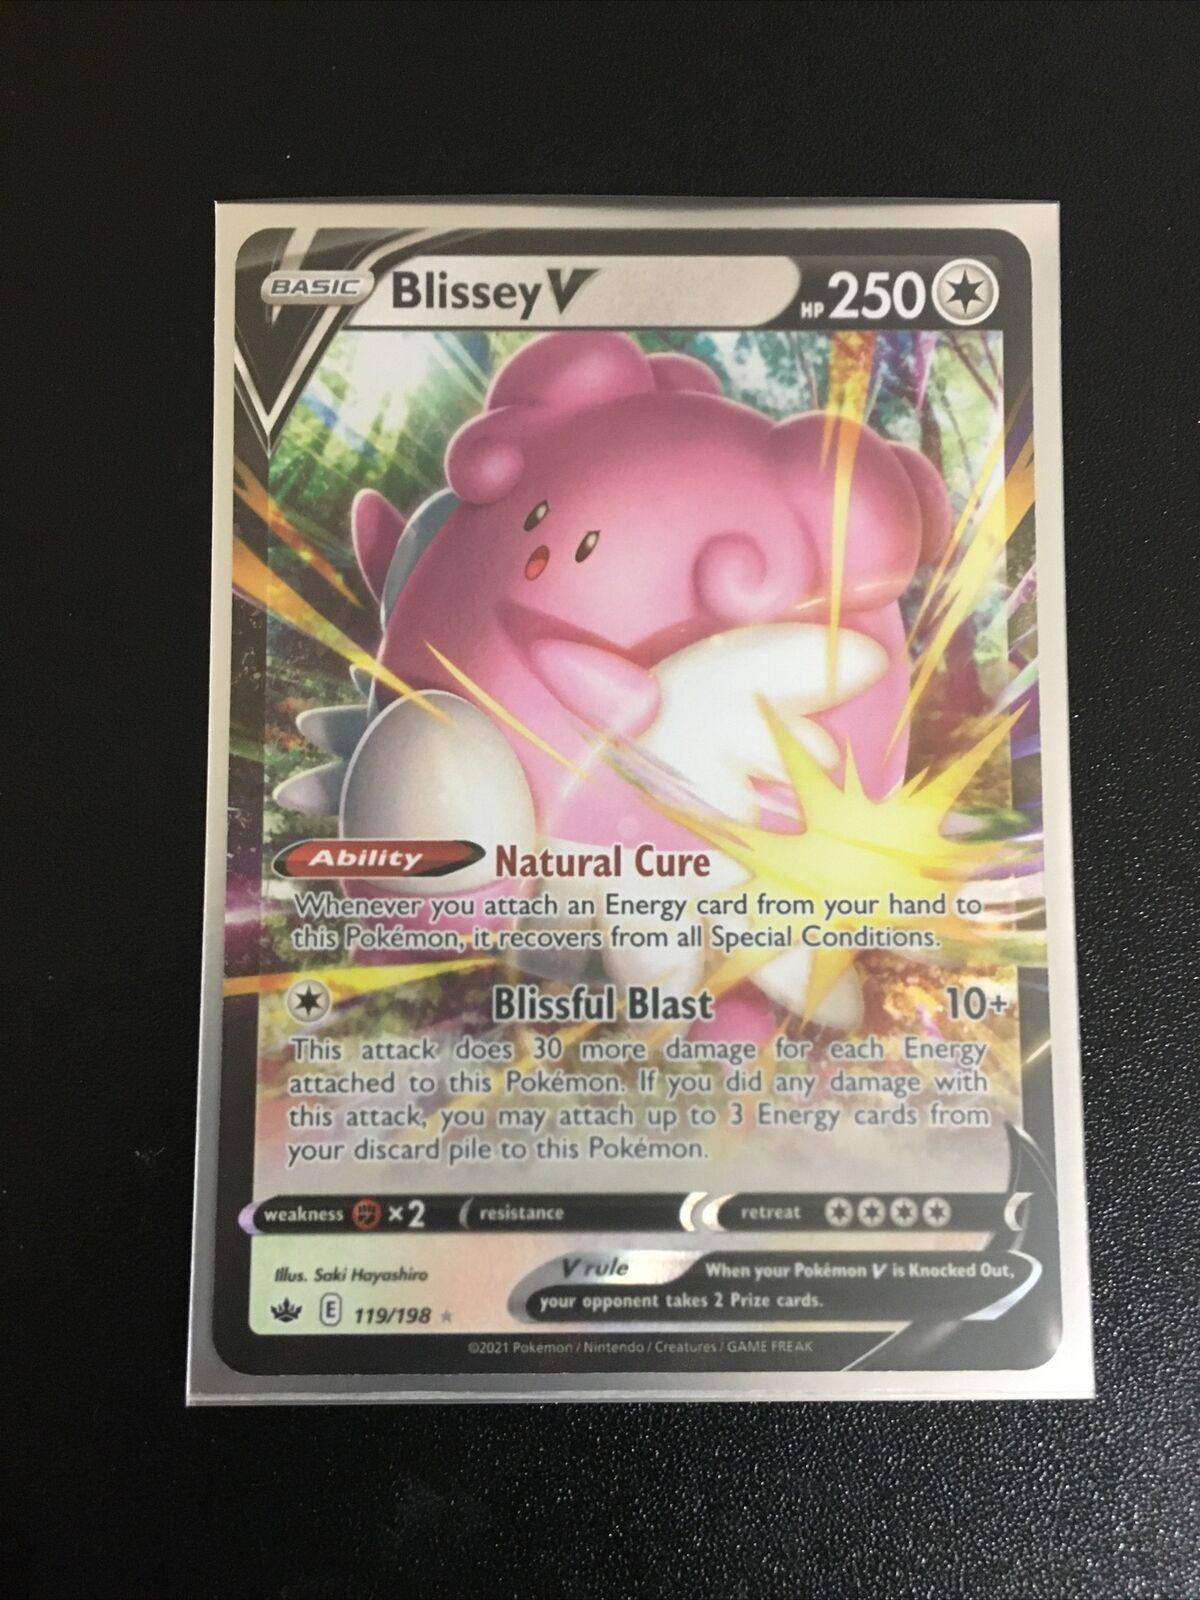 Pokemon Chilling Reign - Full Art Ultra Rare - Blissey V 119/198 NM/M - Image 1